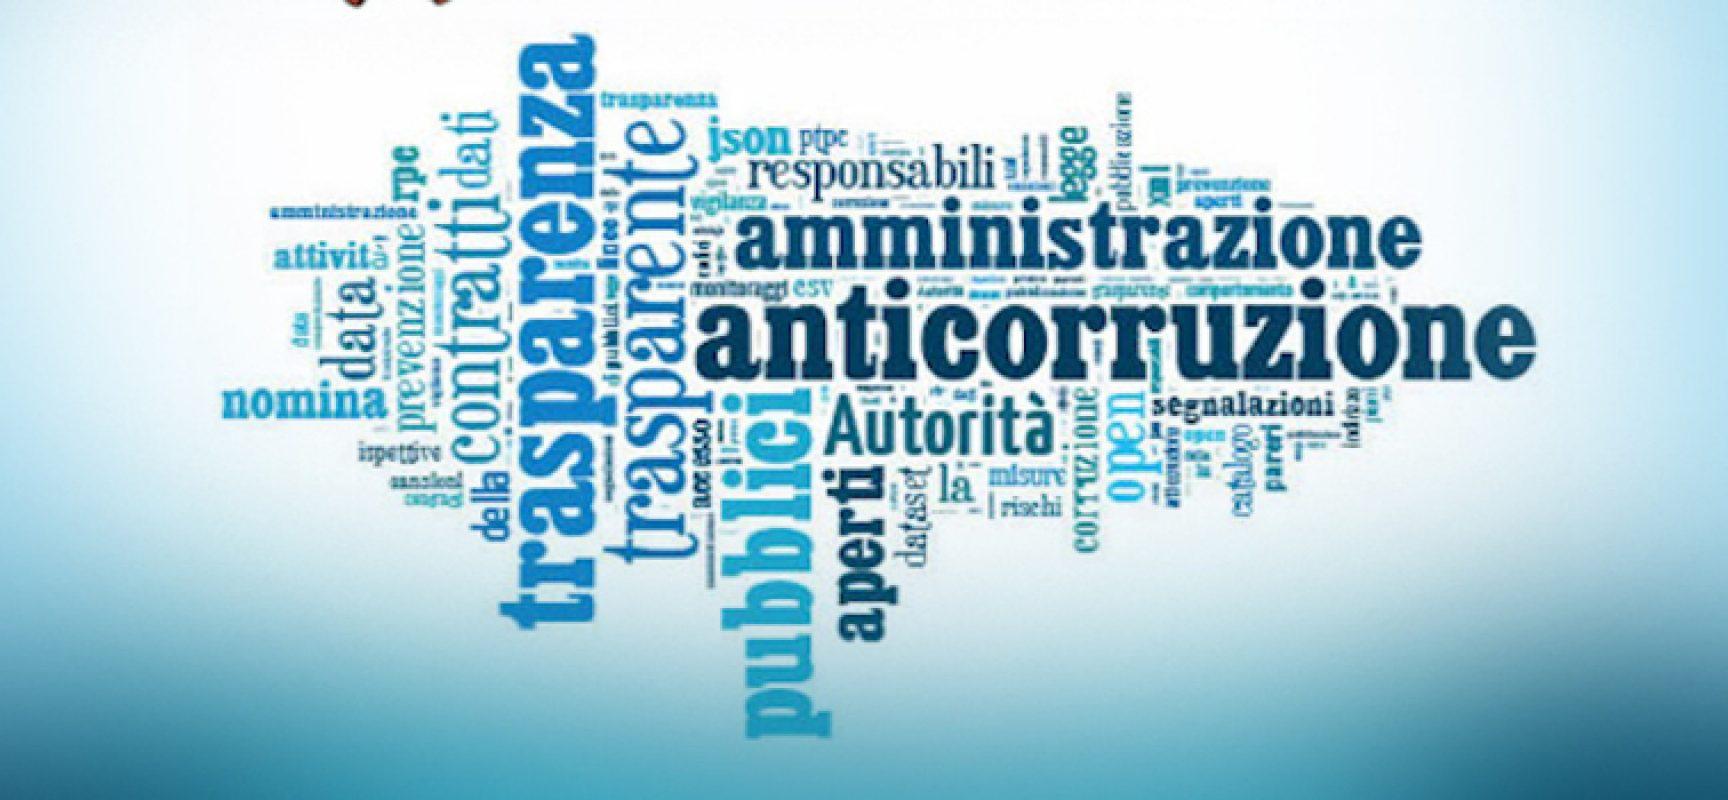 Piano triennale per la trasparenza, possibile inviare suggerimenti entro il 26 febbraio